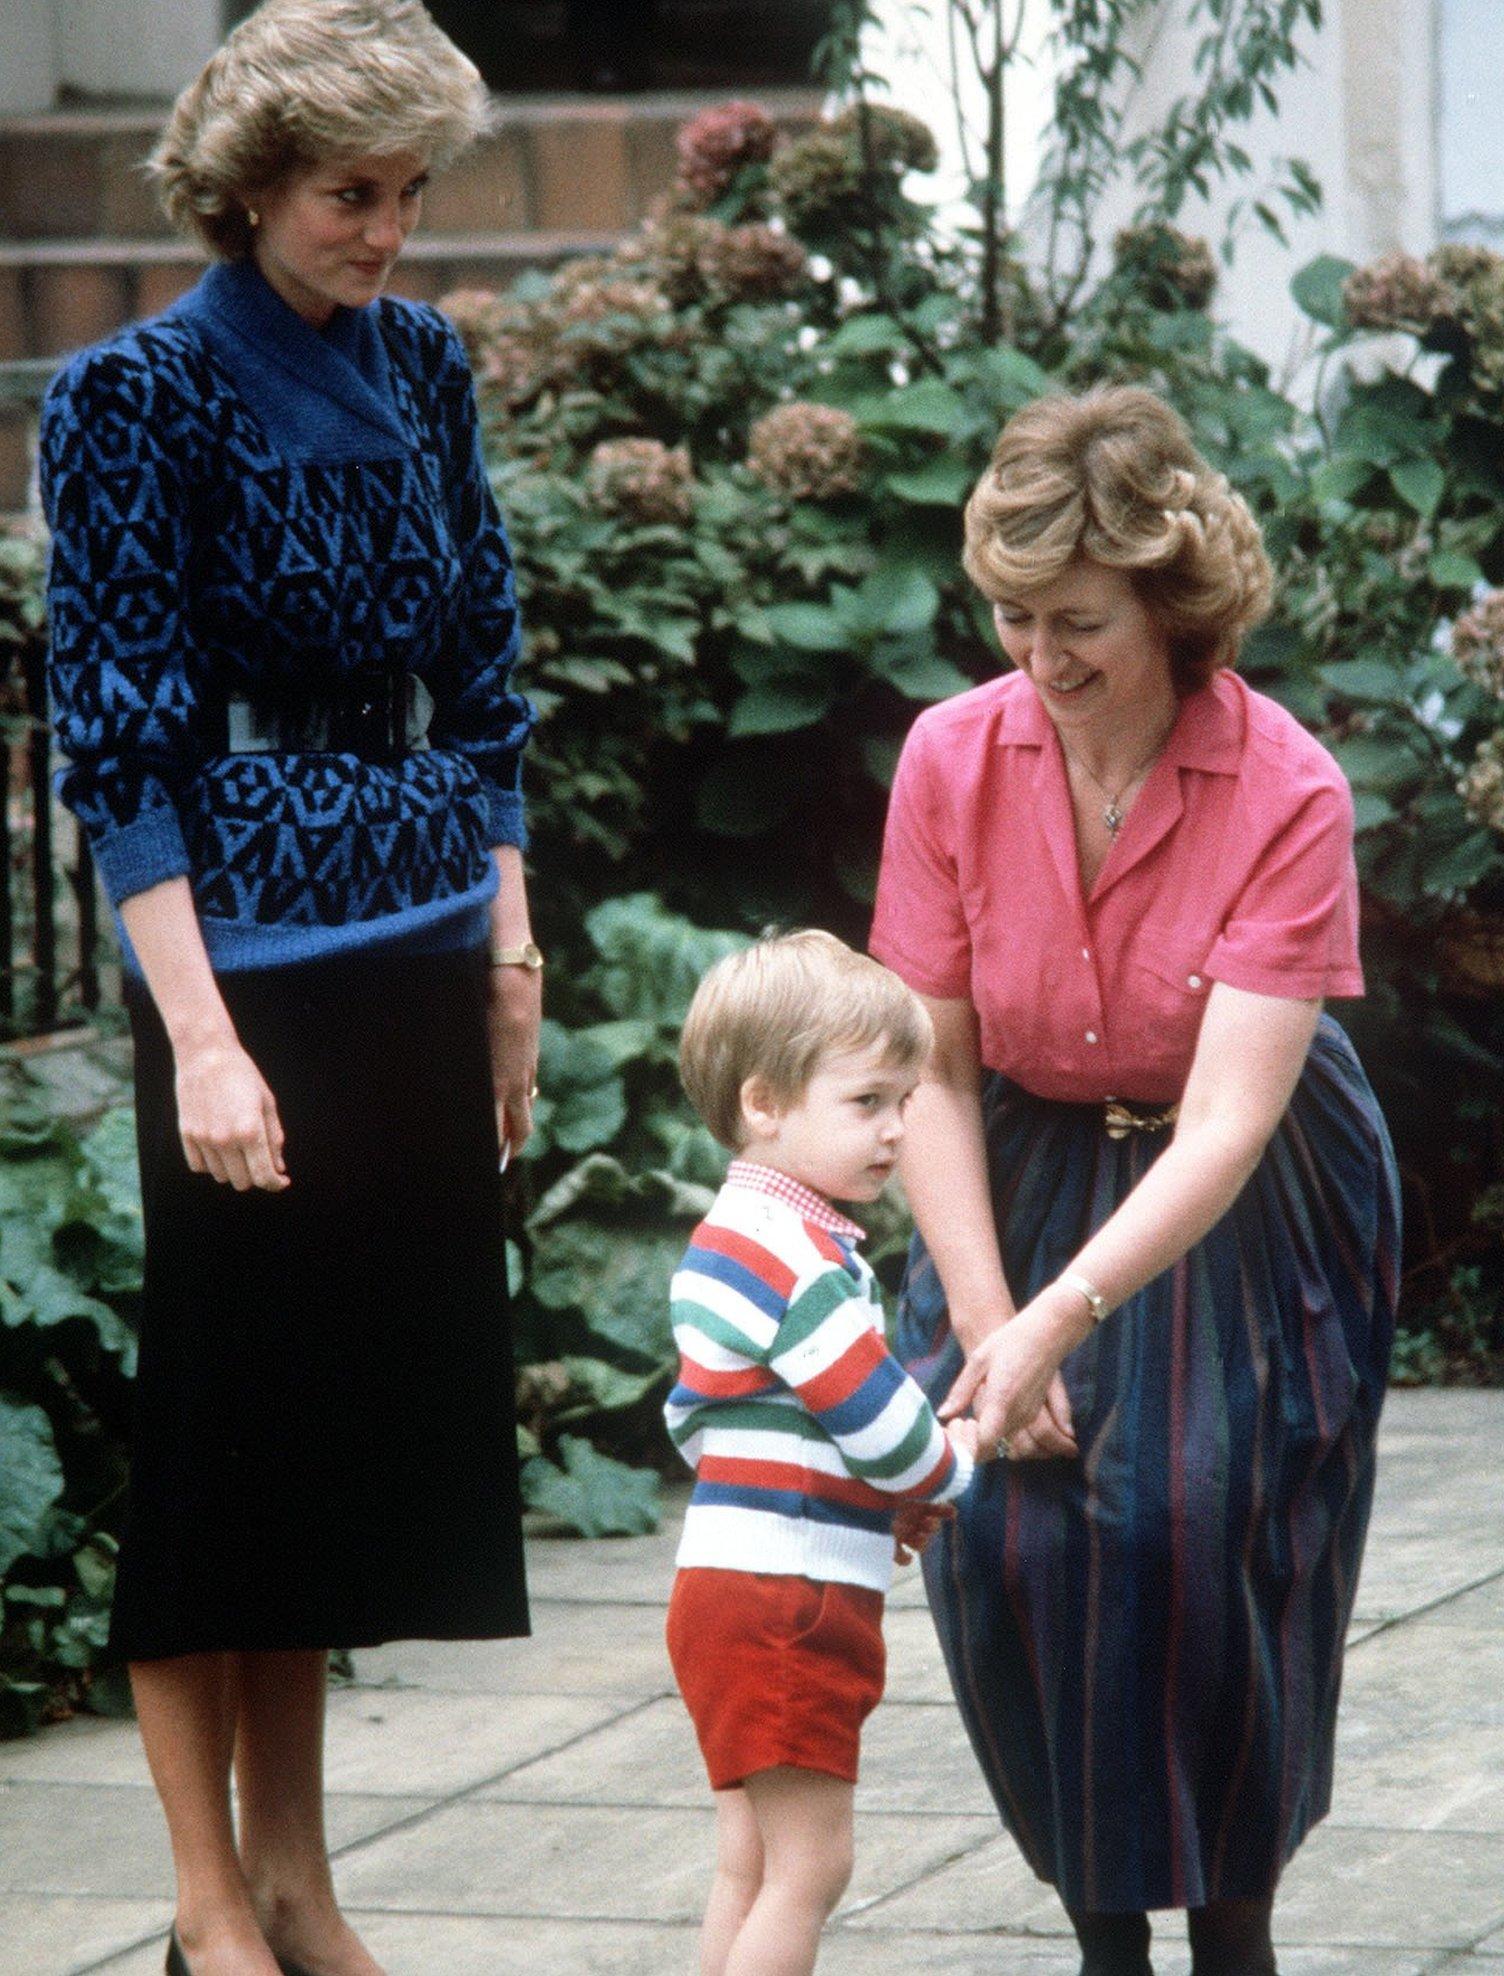 mali princ Vilijam prvog dana vrtića